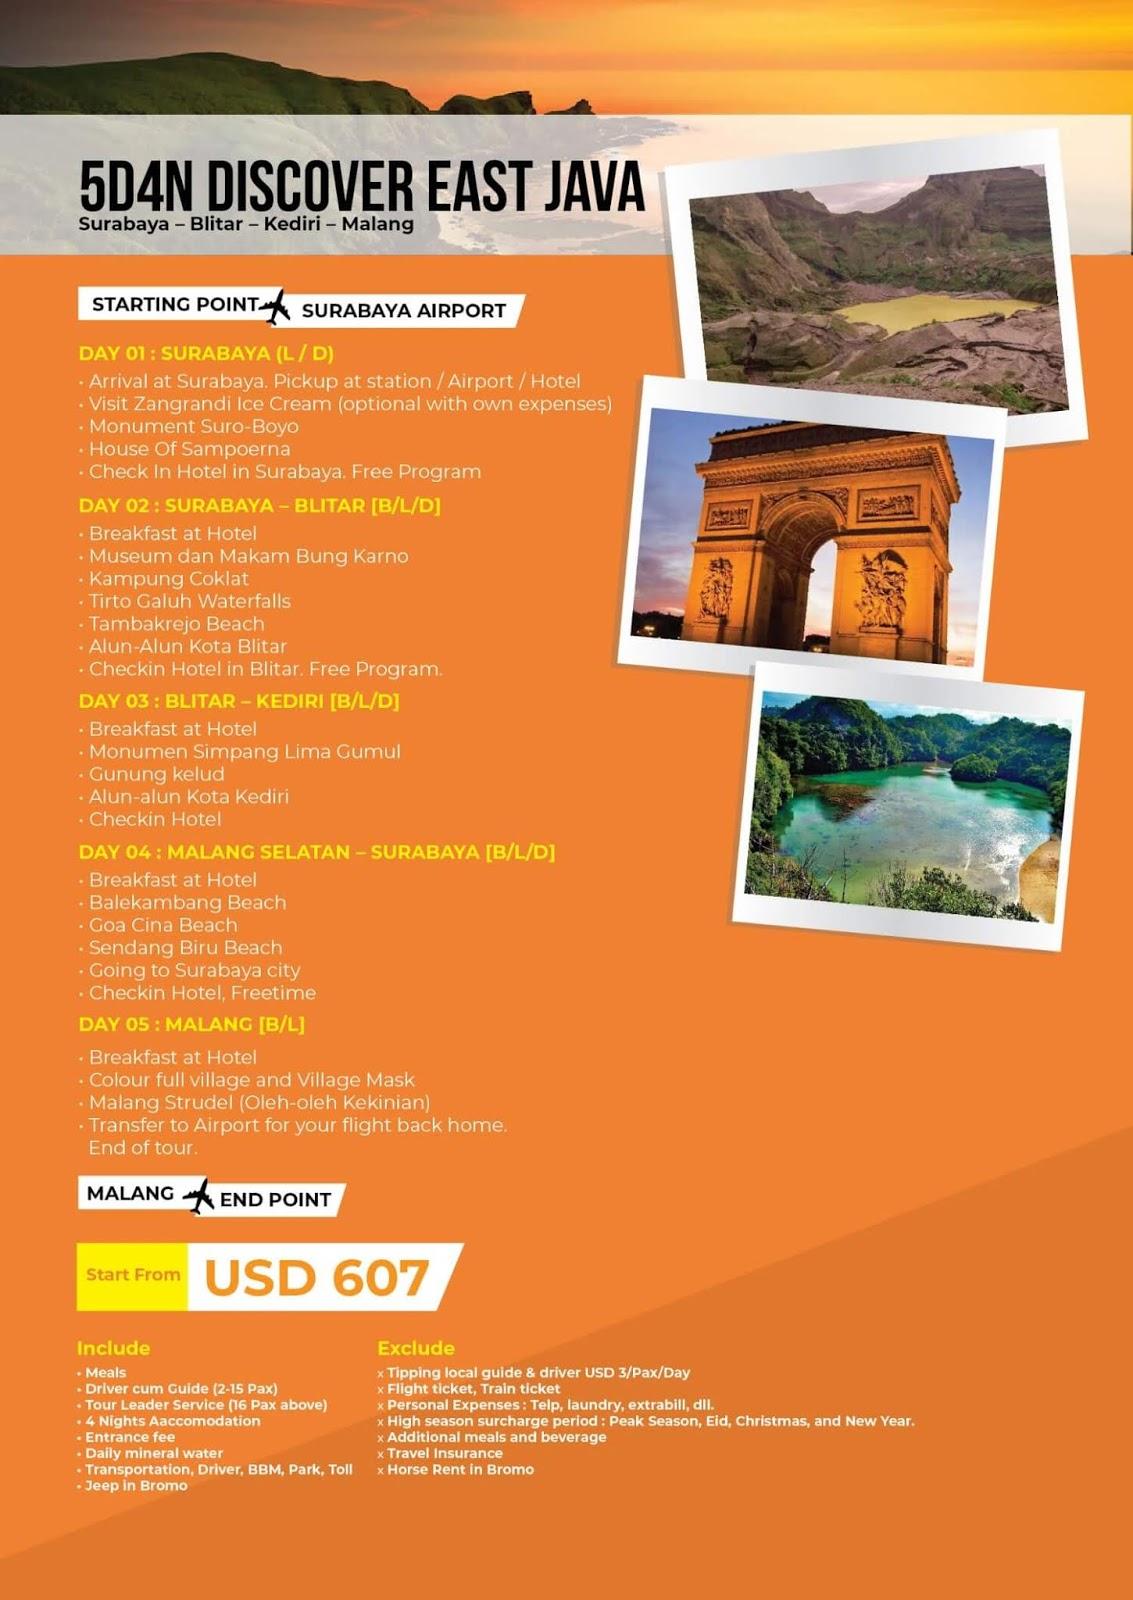 paket wisata discover jawa timur